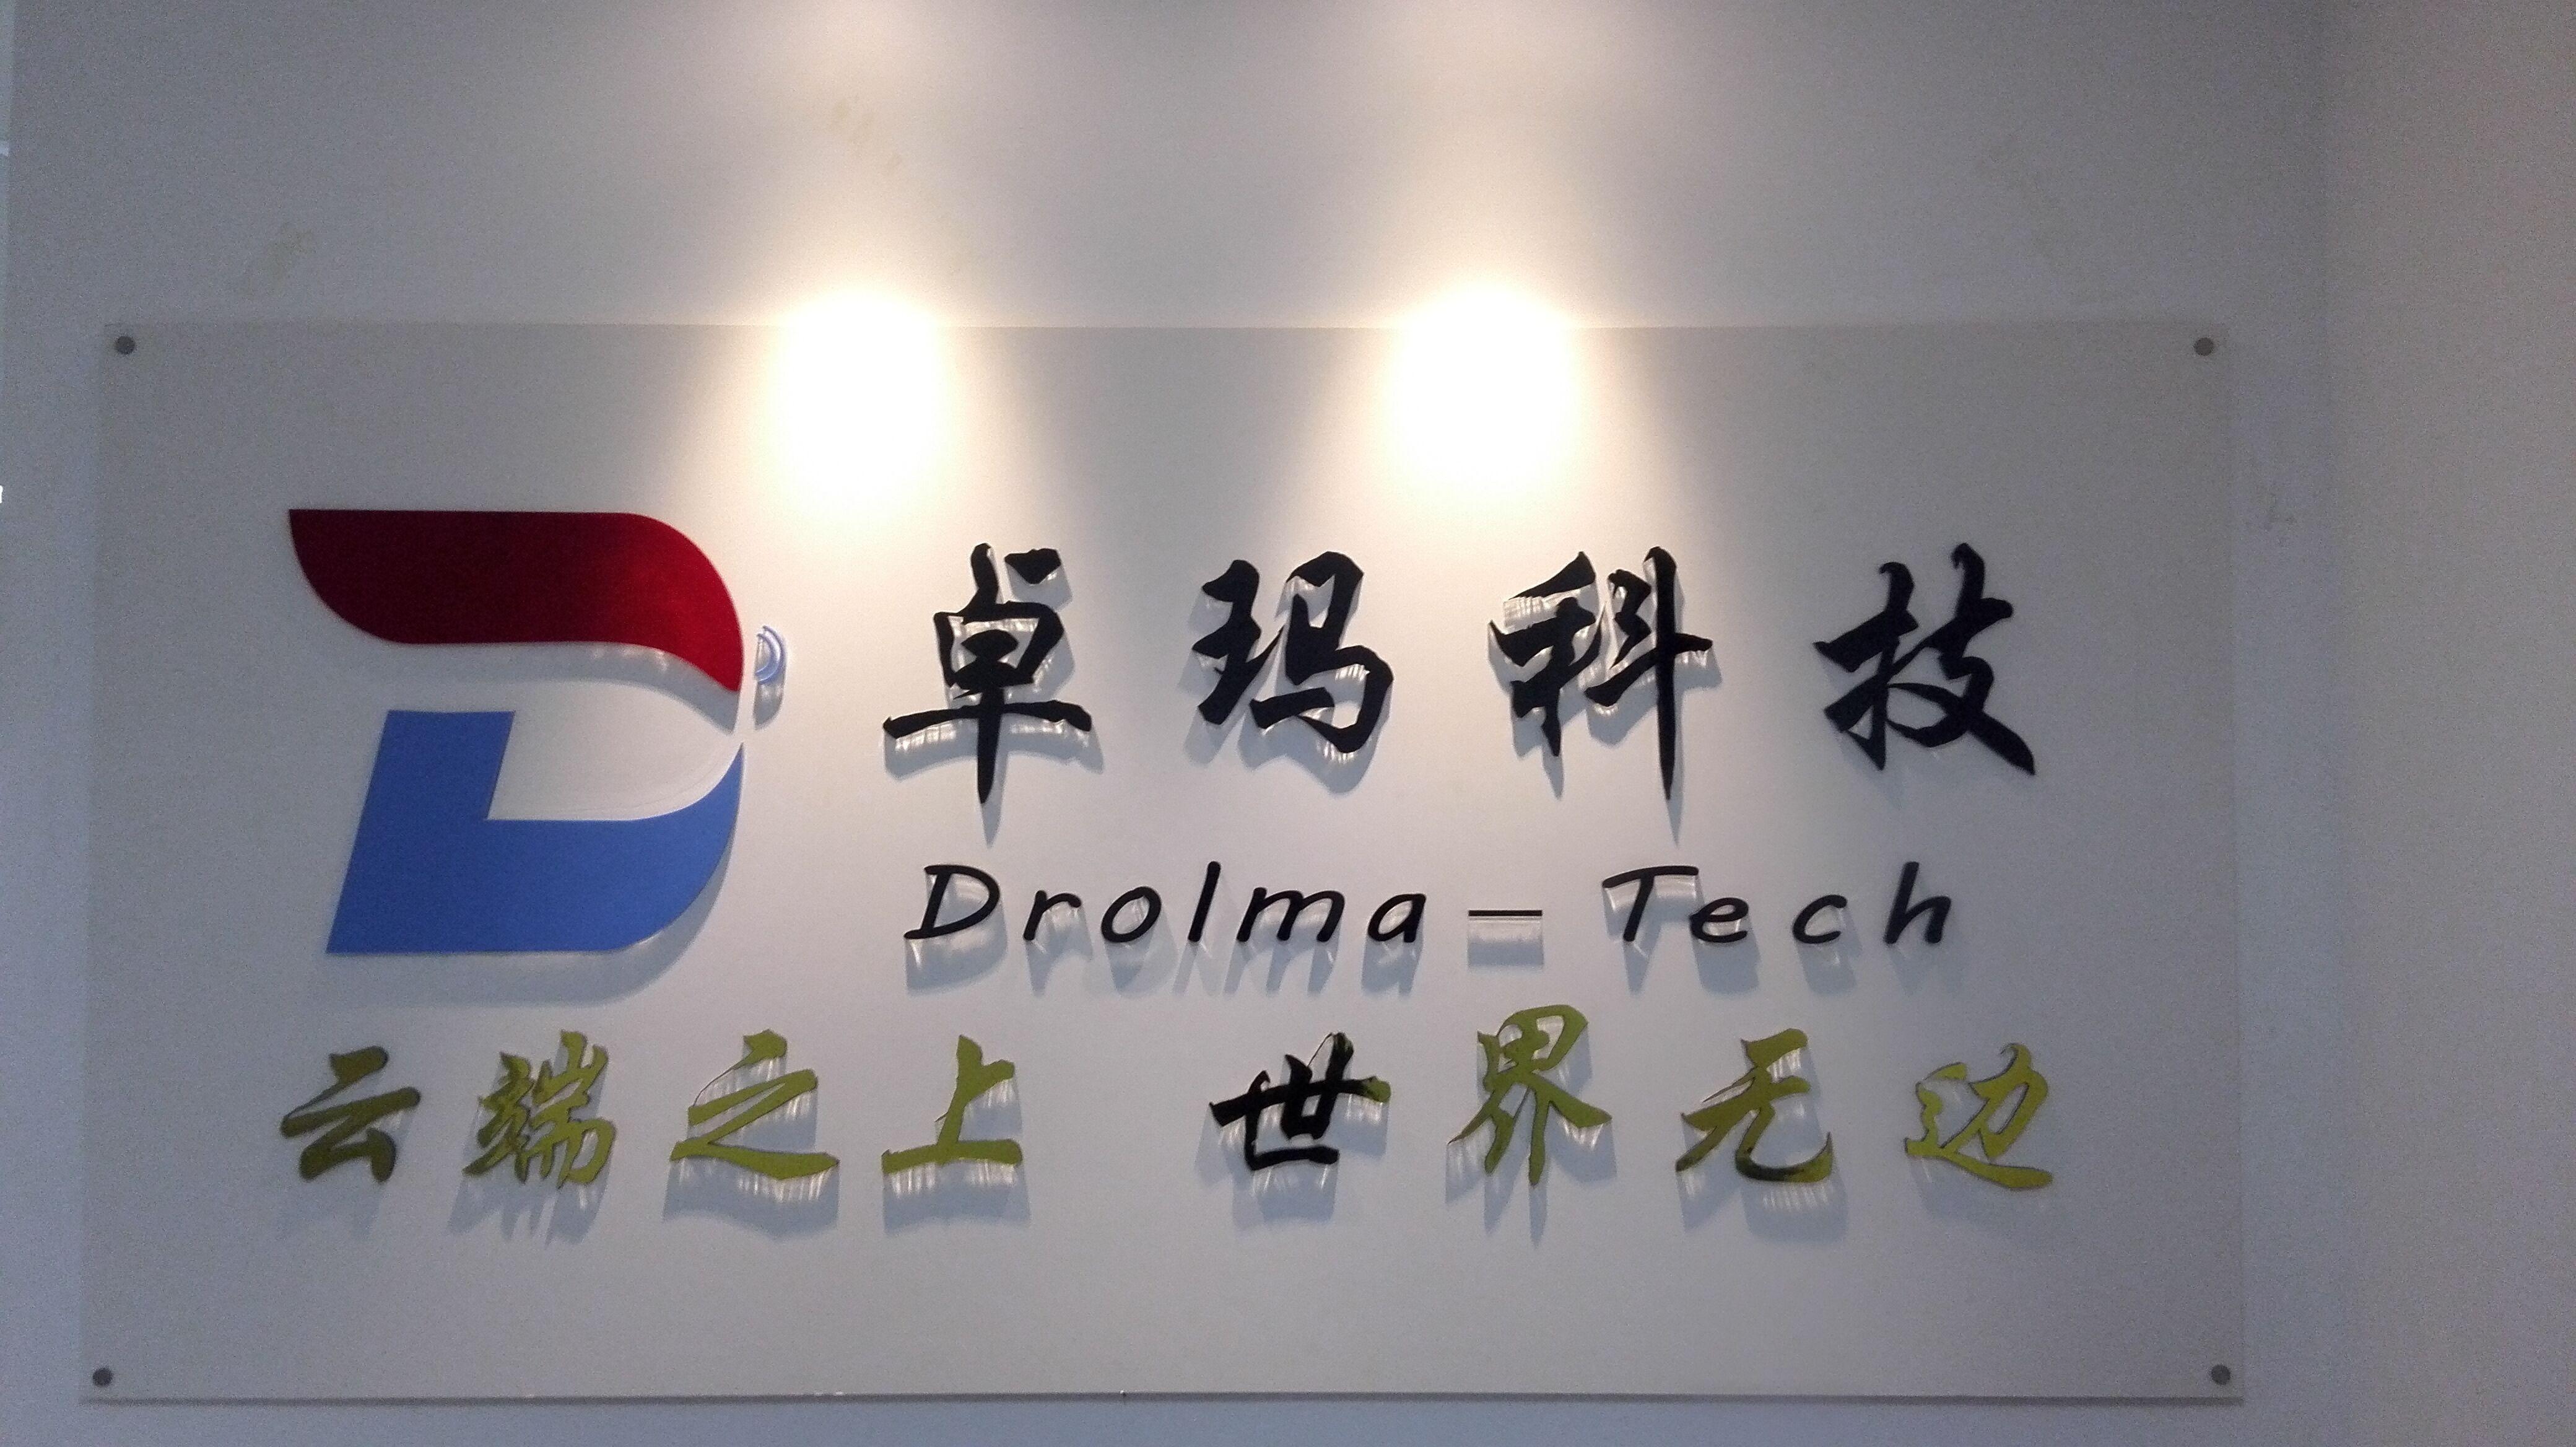 安徽卓玛信息科技有限公司